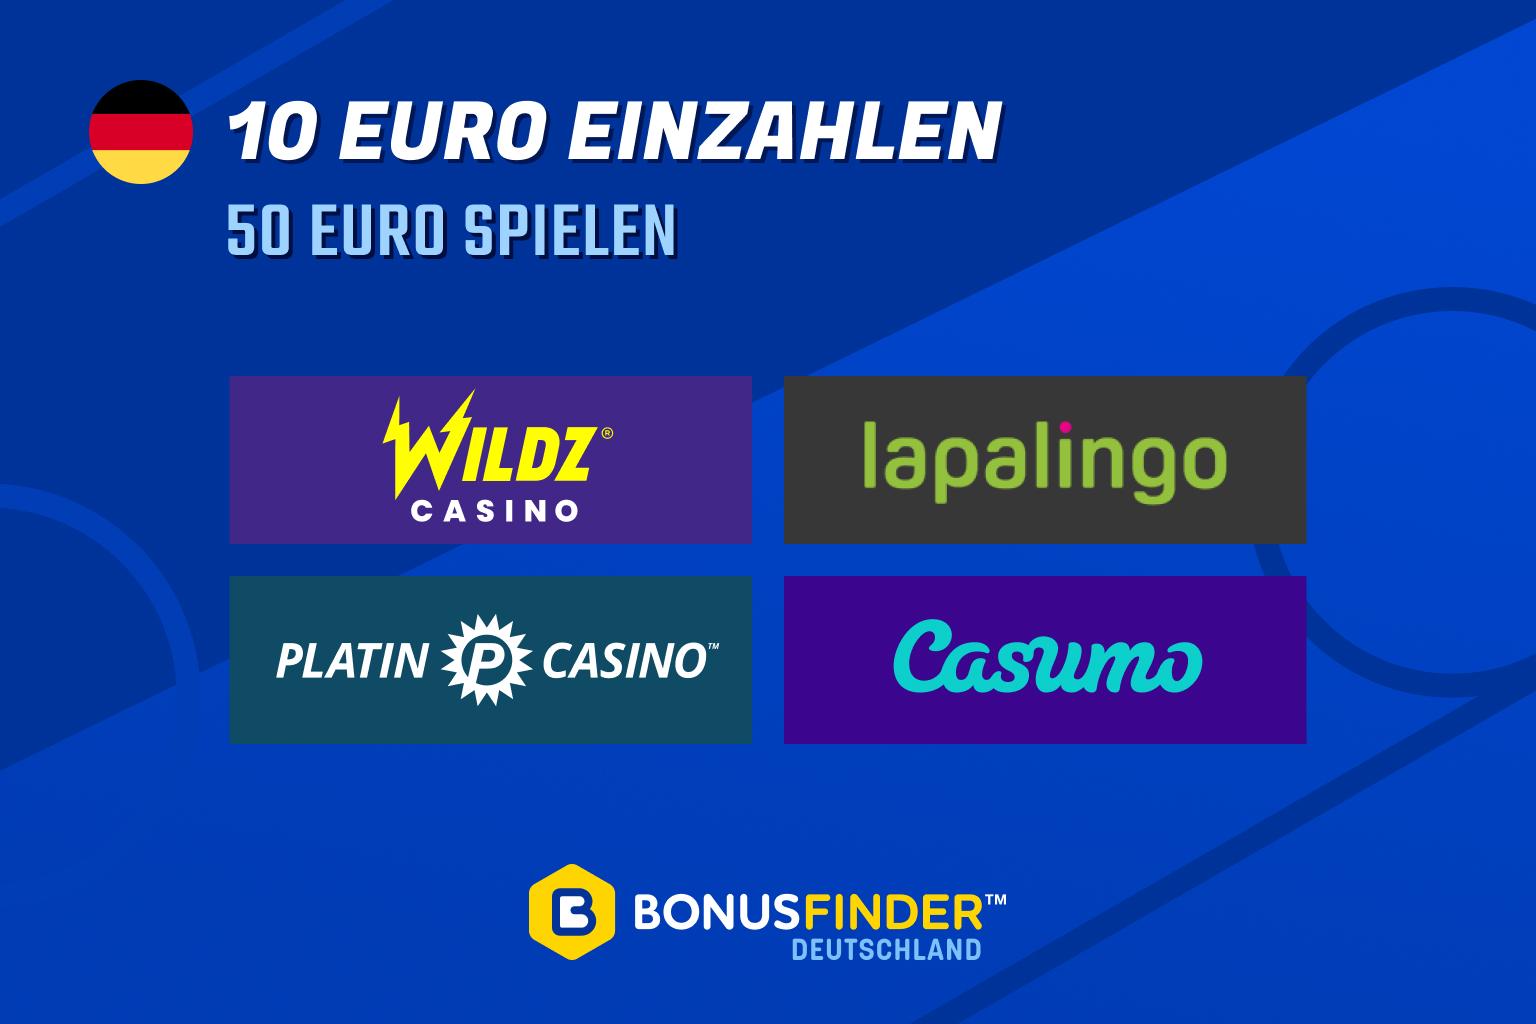 10 euro einzahlen 50 euro spielen casino 2021